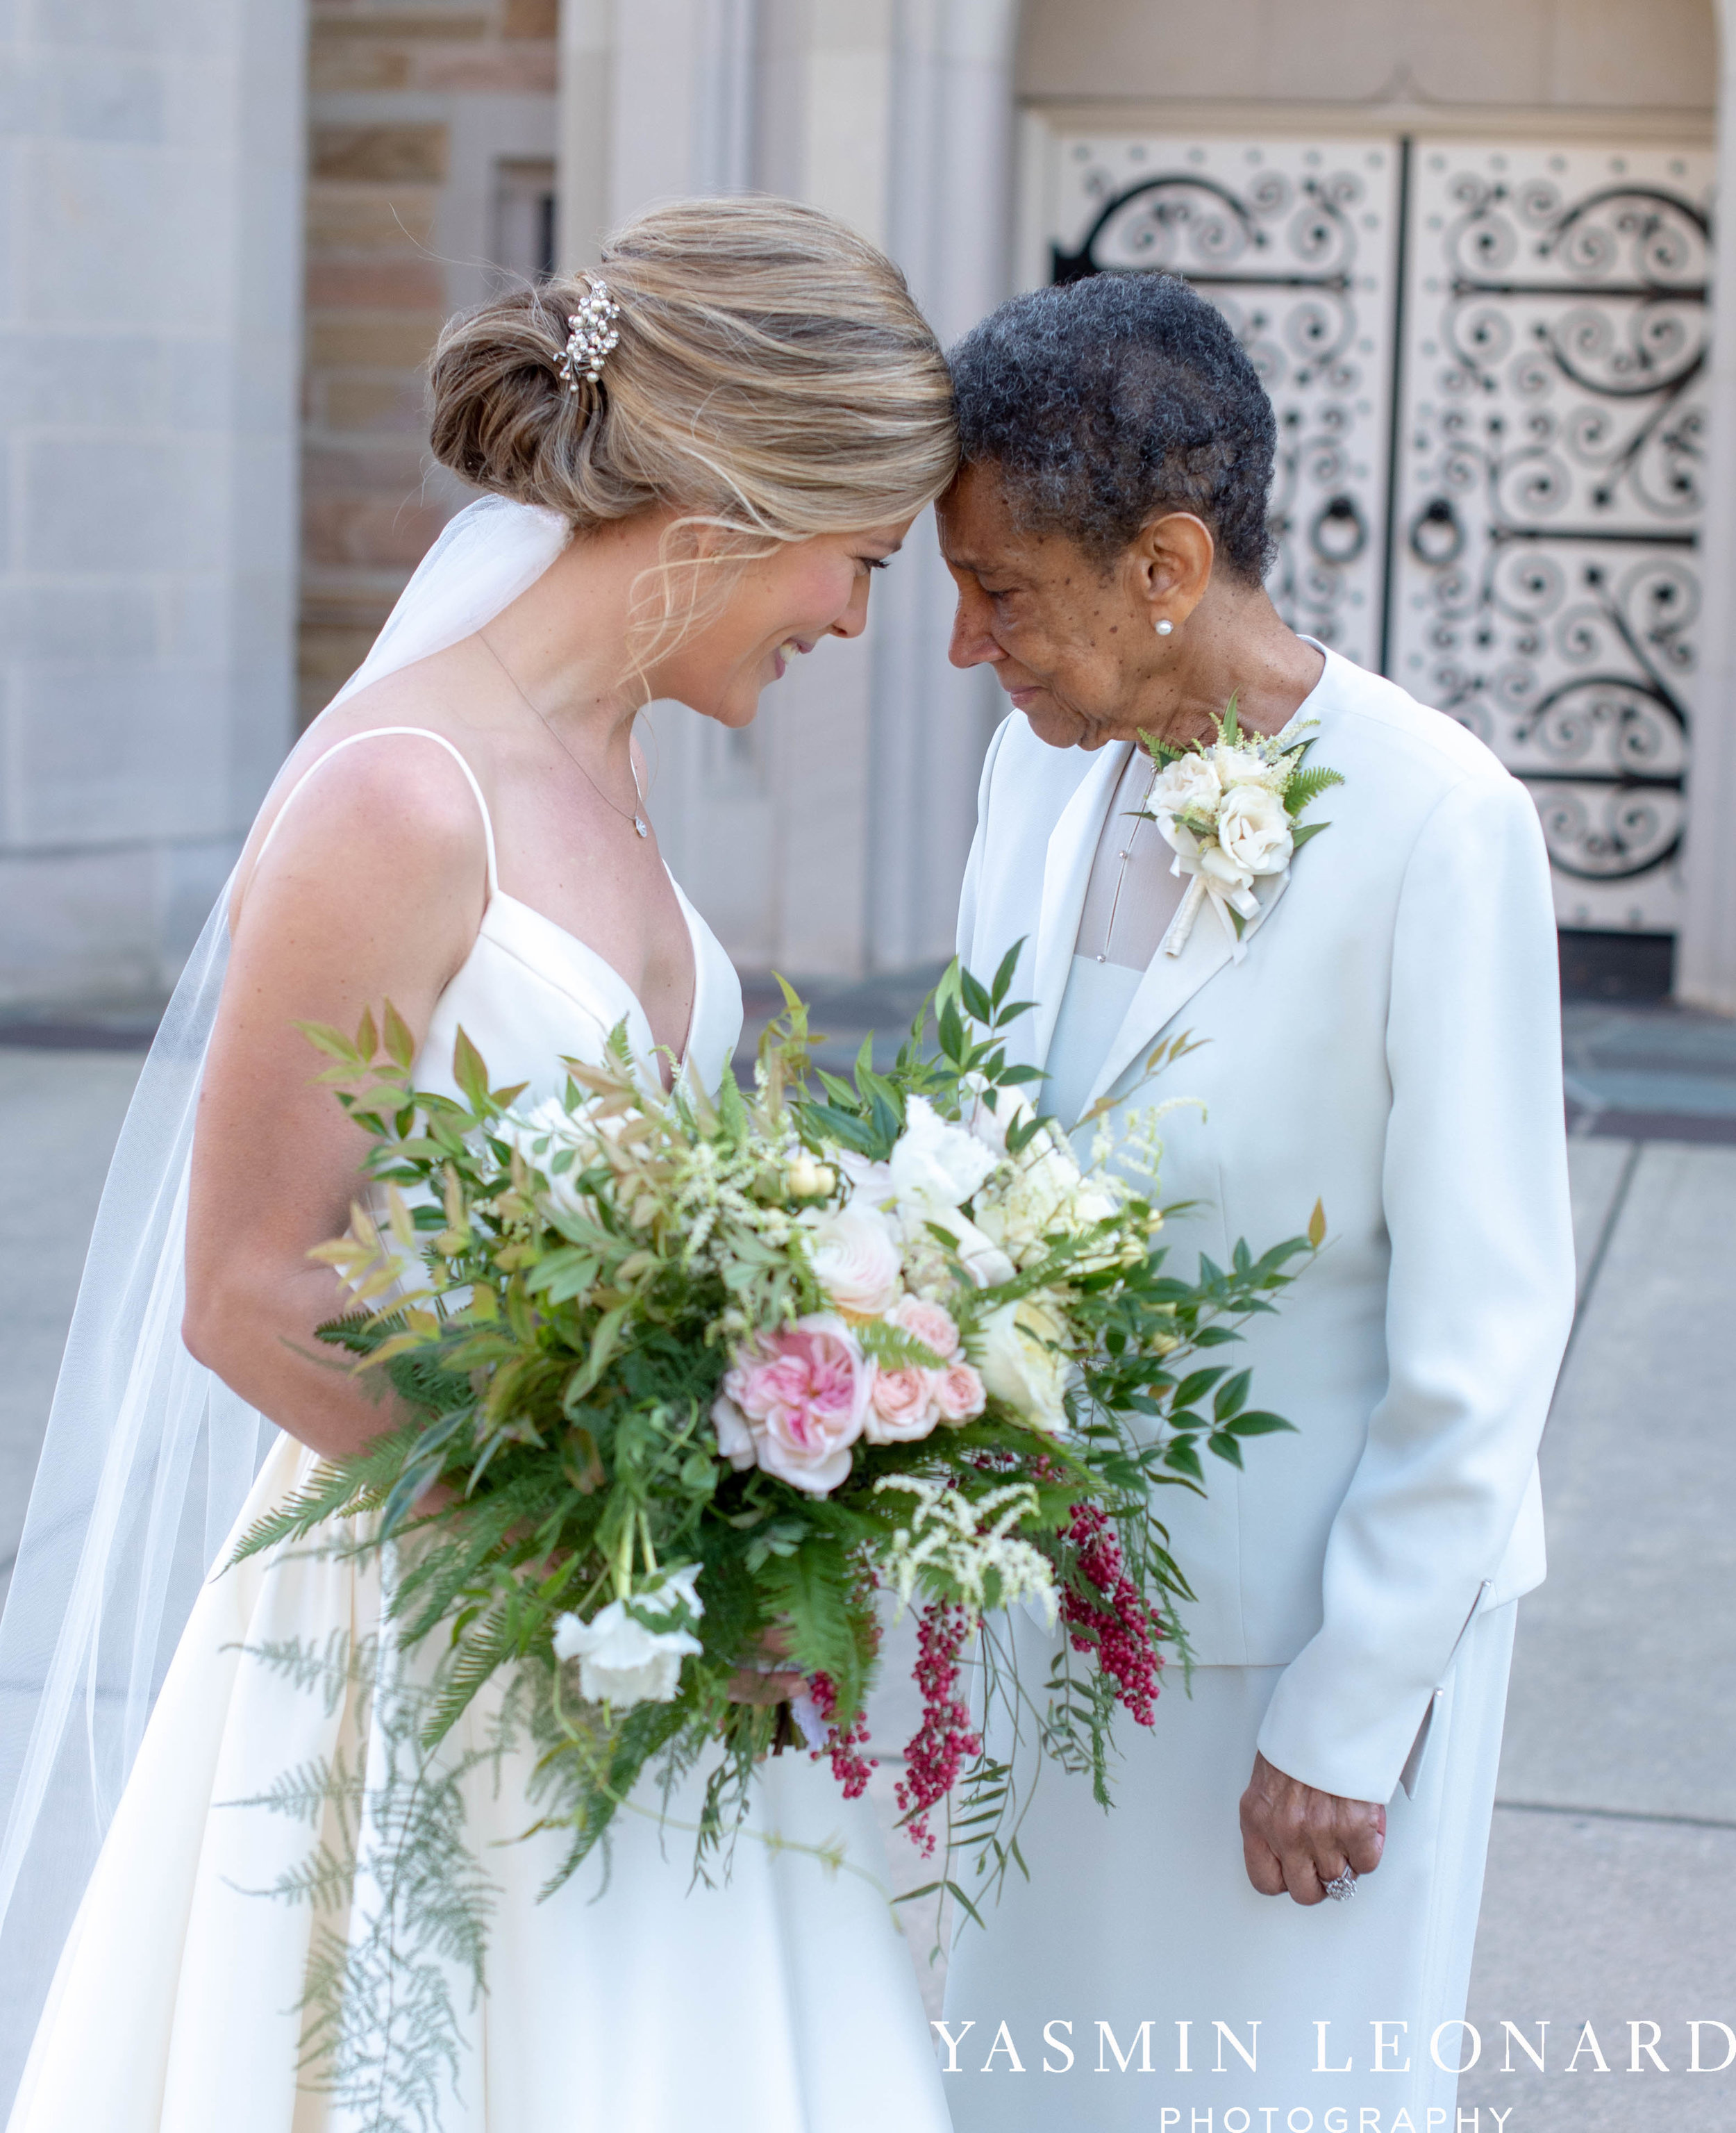 Wesley Memorial United Methodist Church - EmeryWood - High Point Weddings - High Point Wedding Photographer - NC Wedding Photographer - Yasmin Leonard Photography-16.jpg